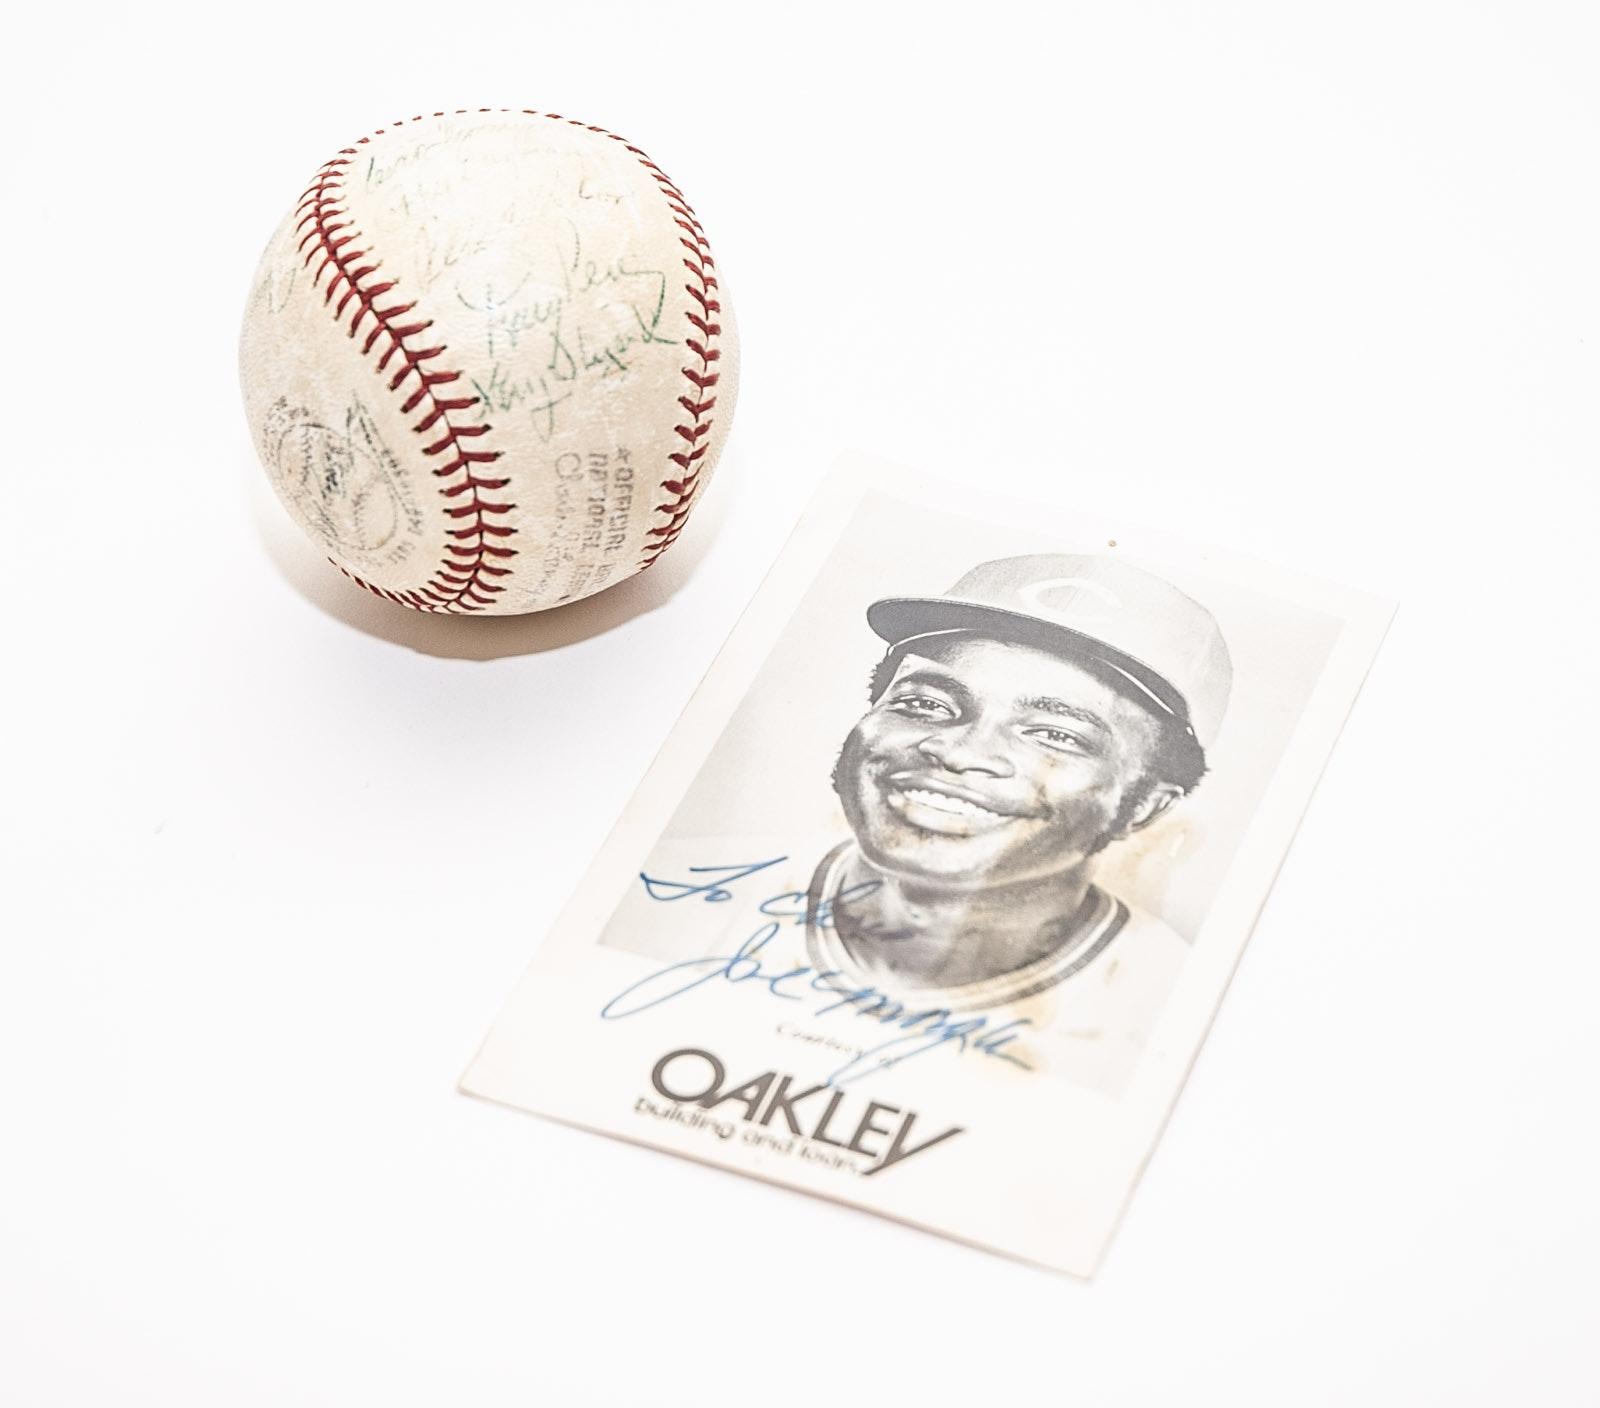 Reds Autographed Baseball Including Tony Perez, Ed Sprague and More